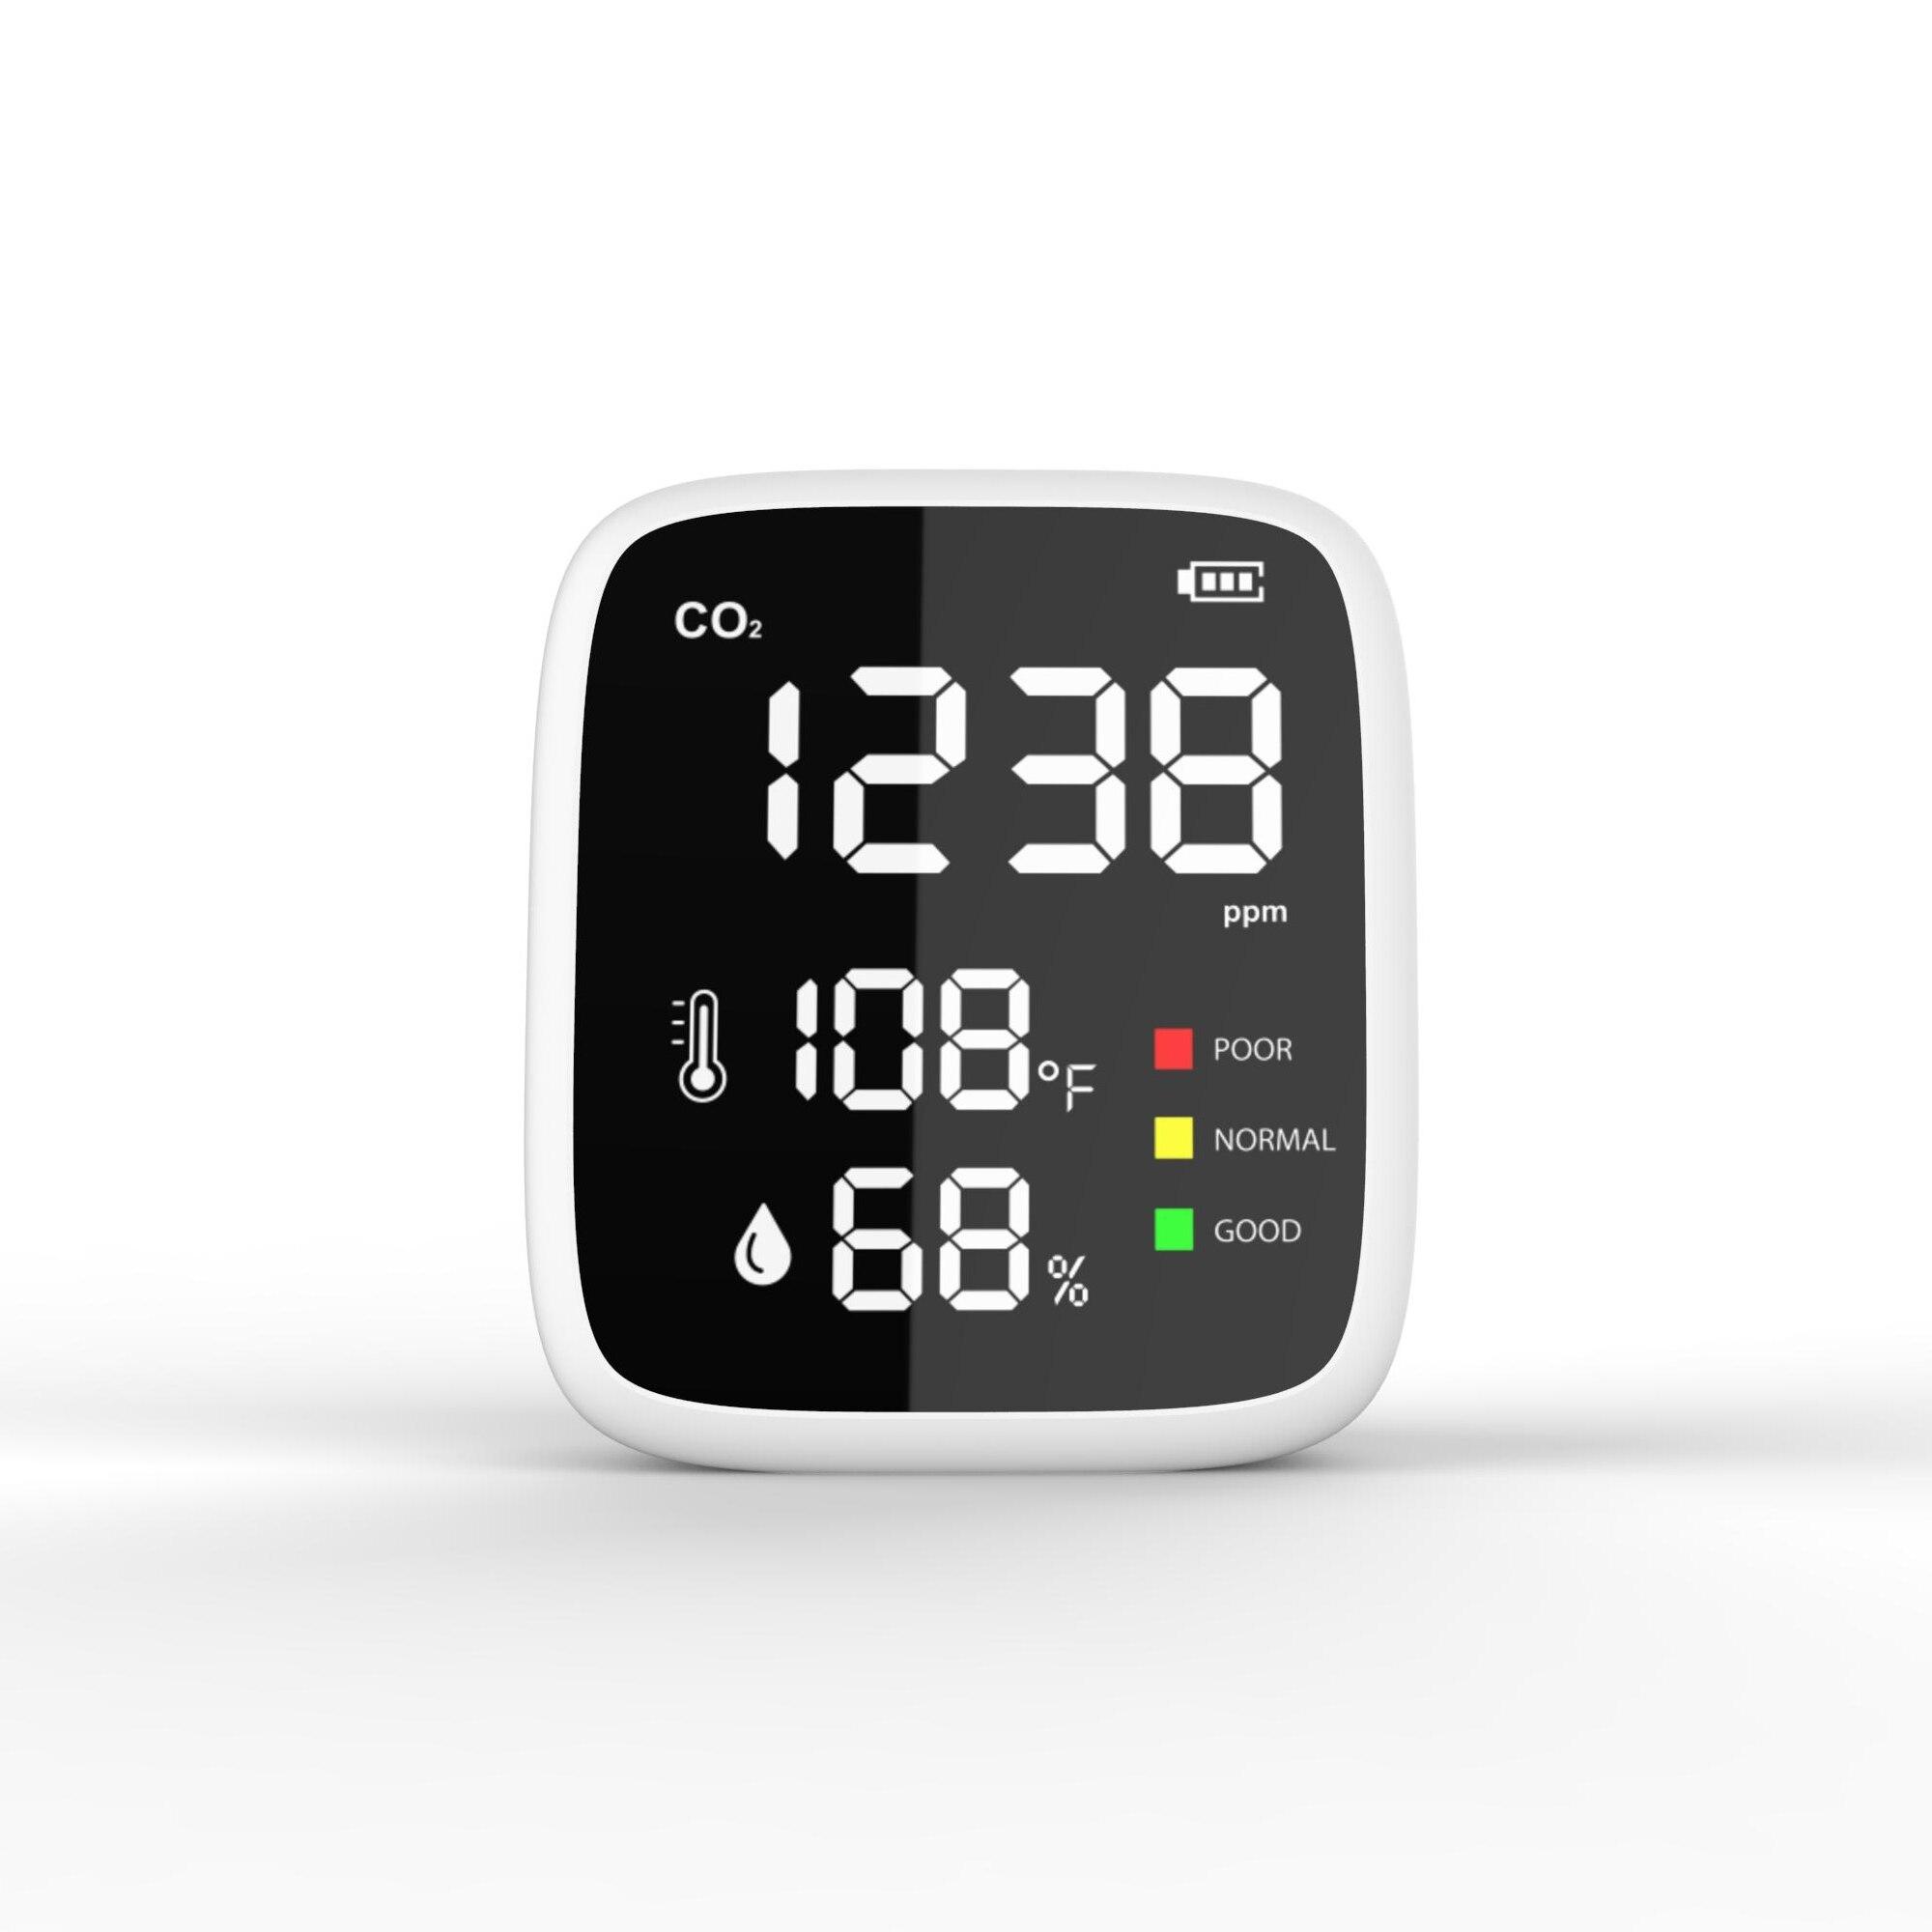 المحمولة CO2 درجة الحرارة جهاز مراقبة الرطوبة مراقبة جودة الهواء الأشعة تحت الحمراء nder للكشف عن أدوات الكشف في الأماكن المغلقة في الهواء الطل...